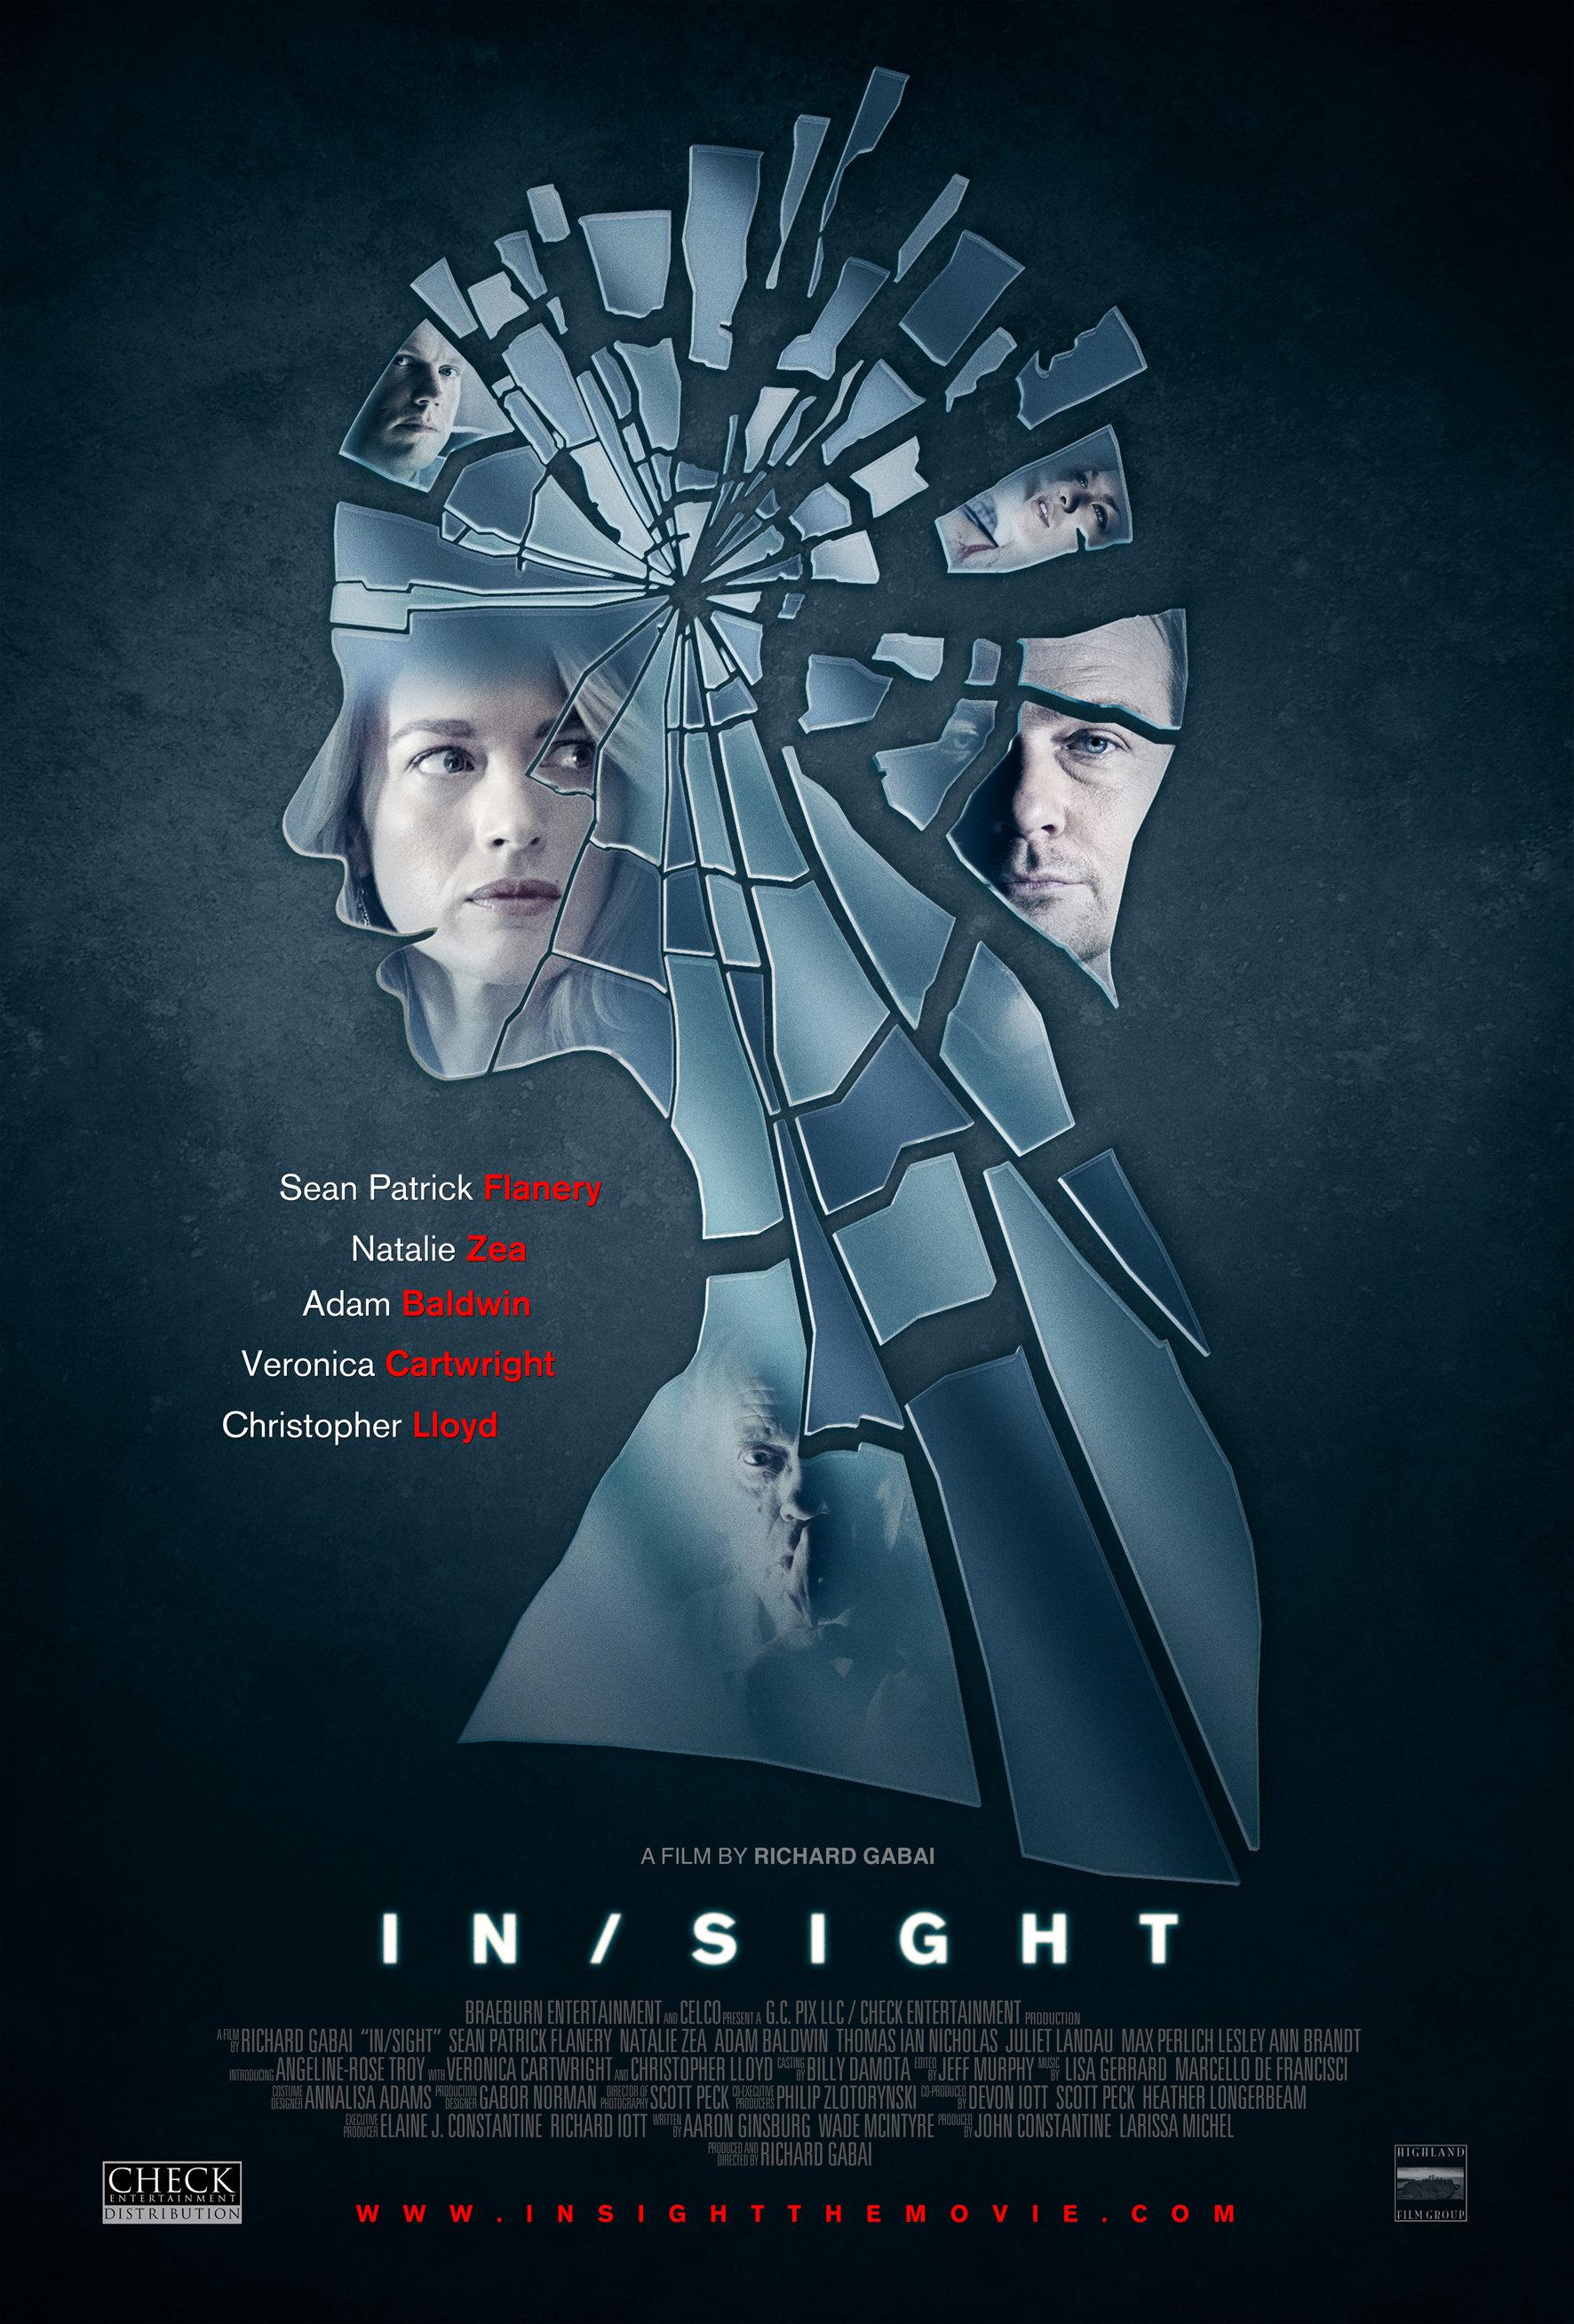 ผลการค้นหารูปภาพสำหรับ insight film 2011 poster